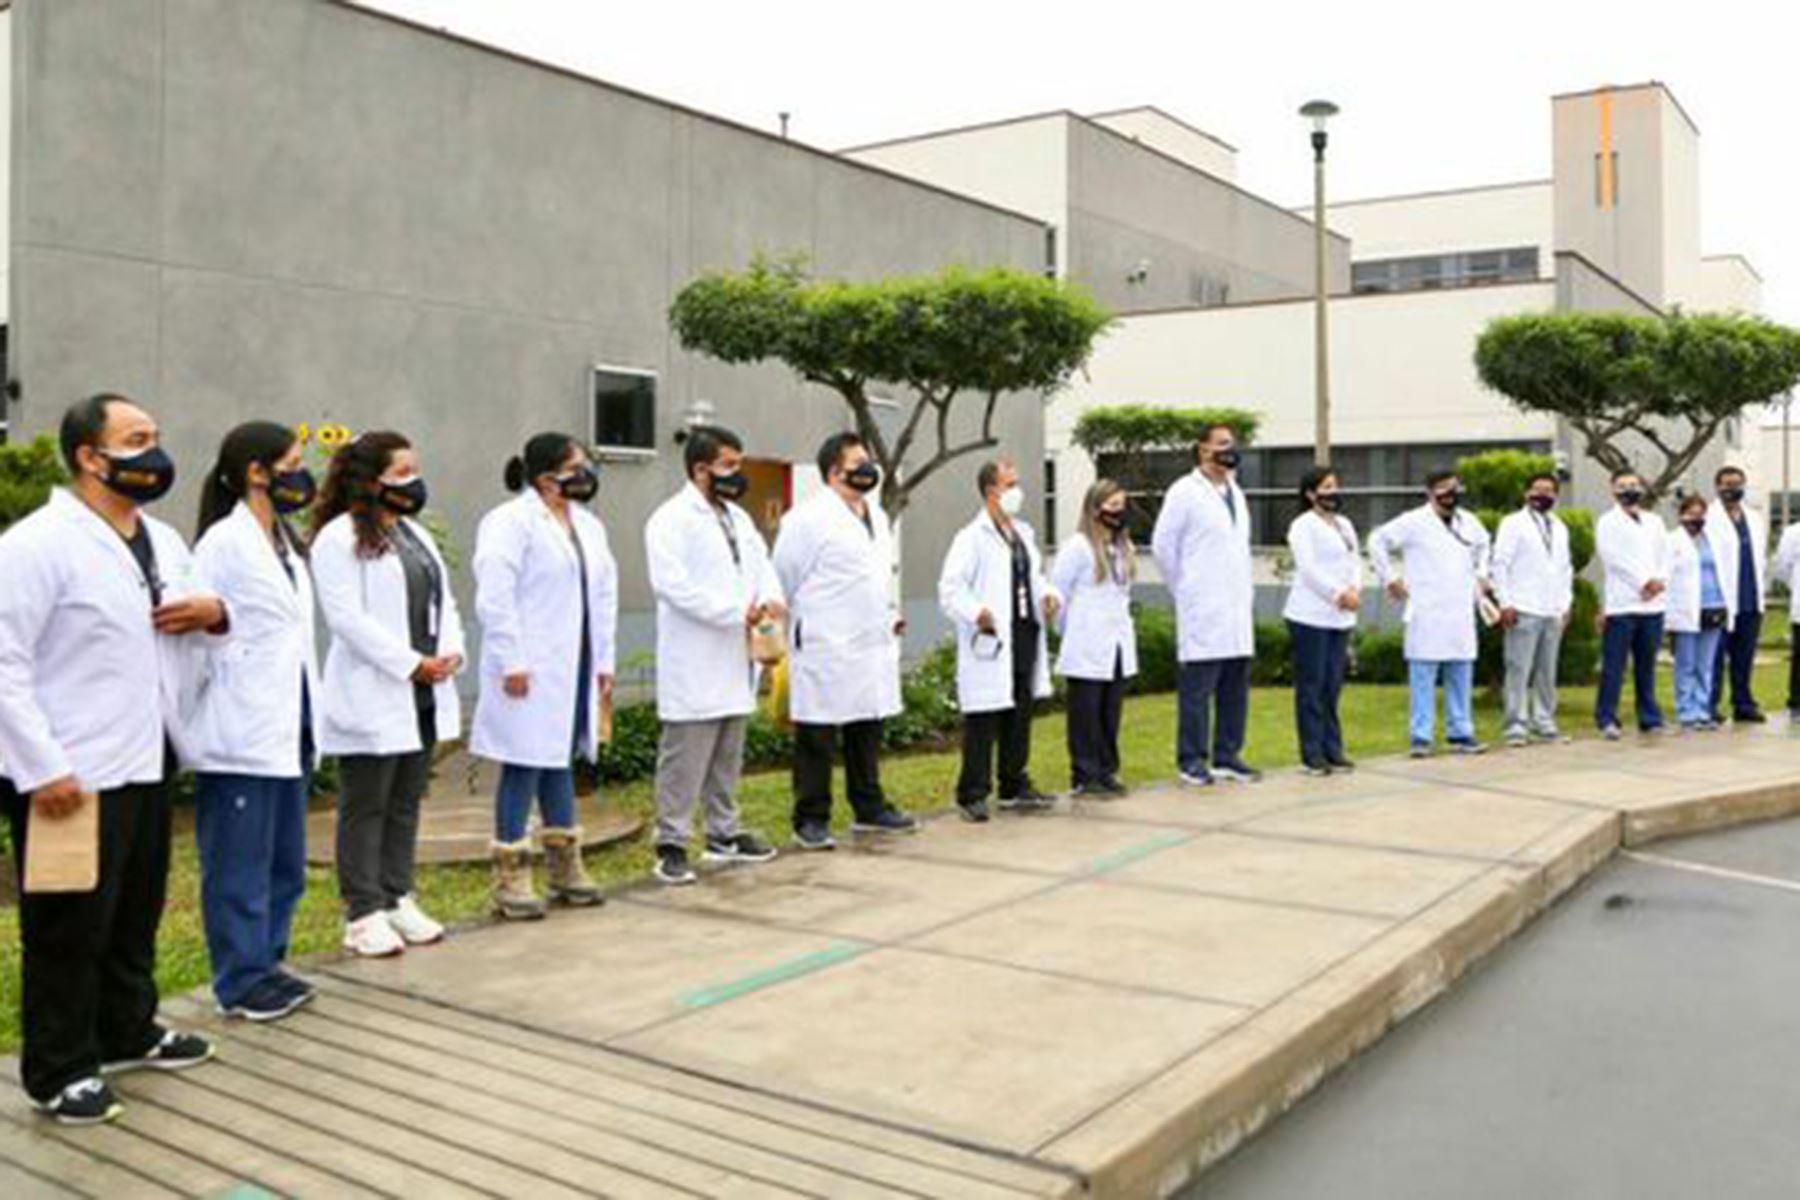 La formación de estos profesionales se realiza en una etapa crucial para el país en la que se ha hecho evidente el déficit de especialistas en salud. ANDINA/ Minsa